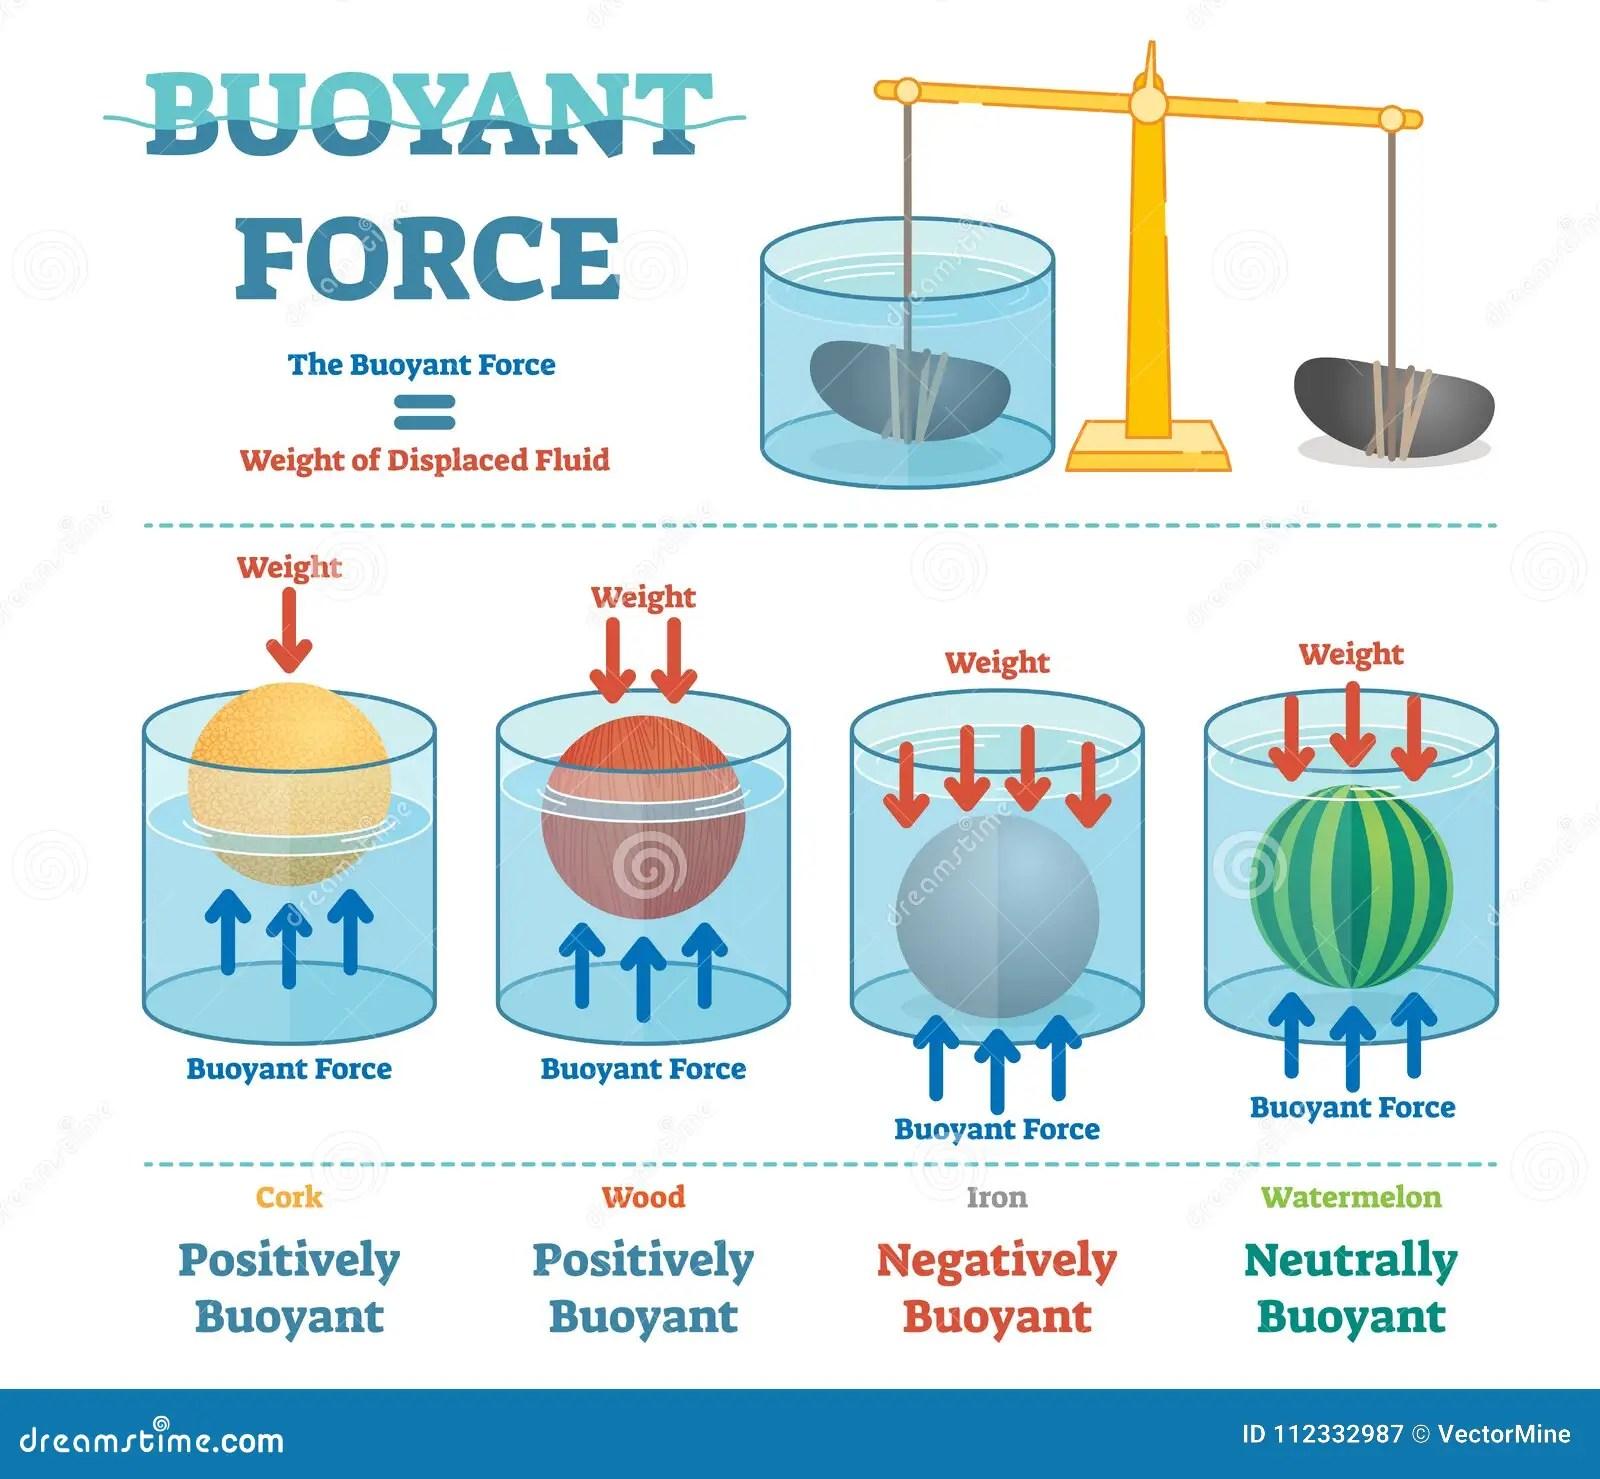 Buoyant Force Illustrative Educational Physics Diagram